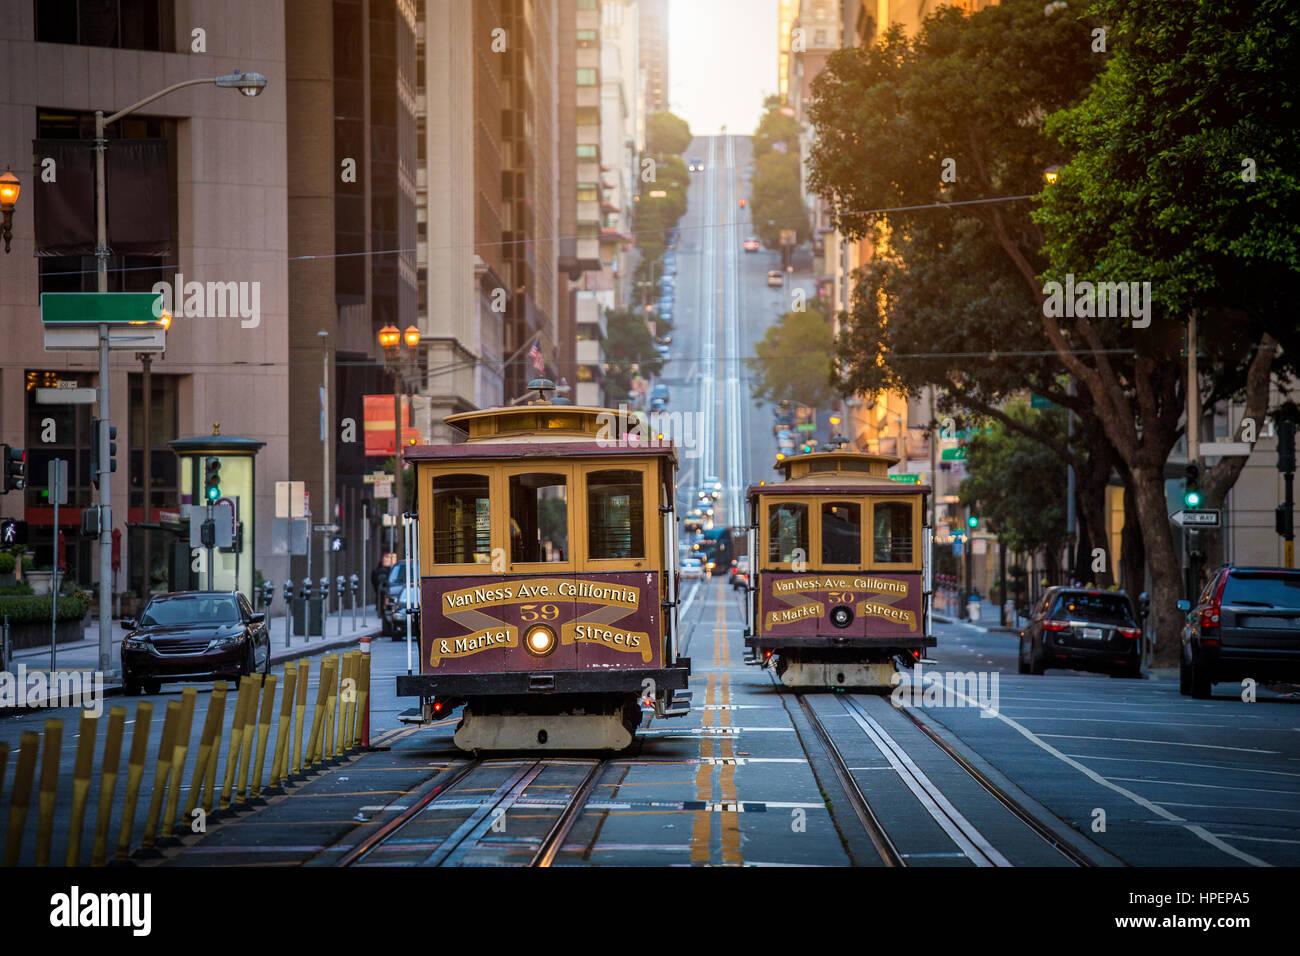 Klassische Ansicht des historischen traditionellen Cable Cars fahren in der berühmten California Street im Stockbild